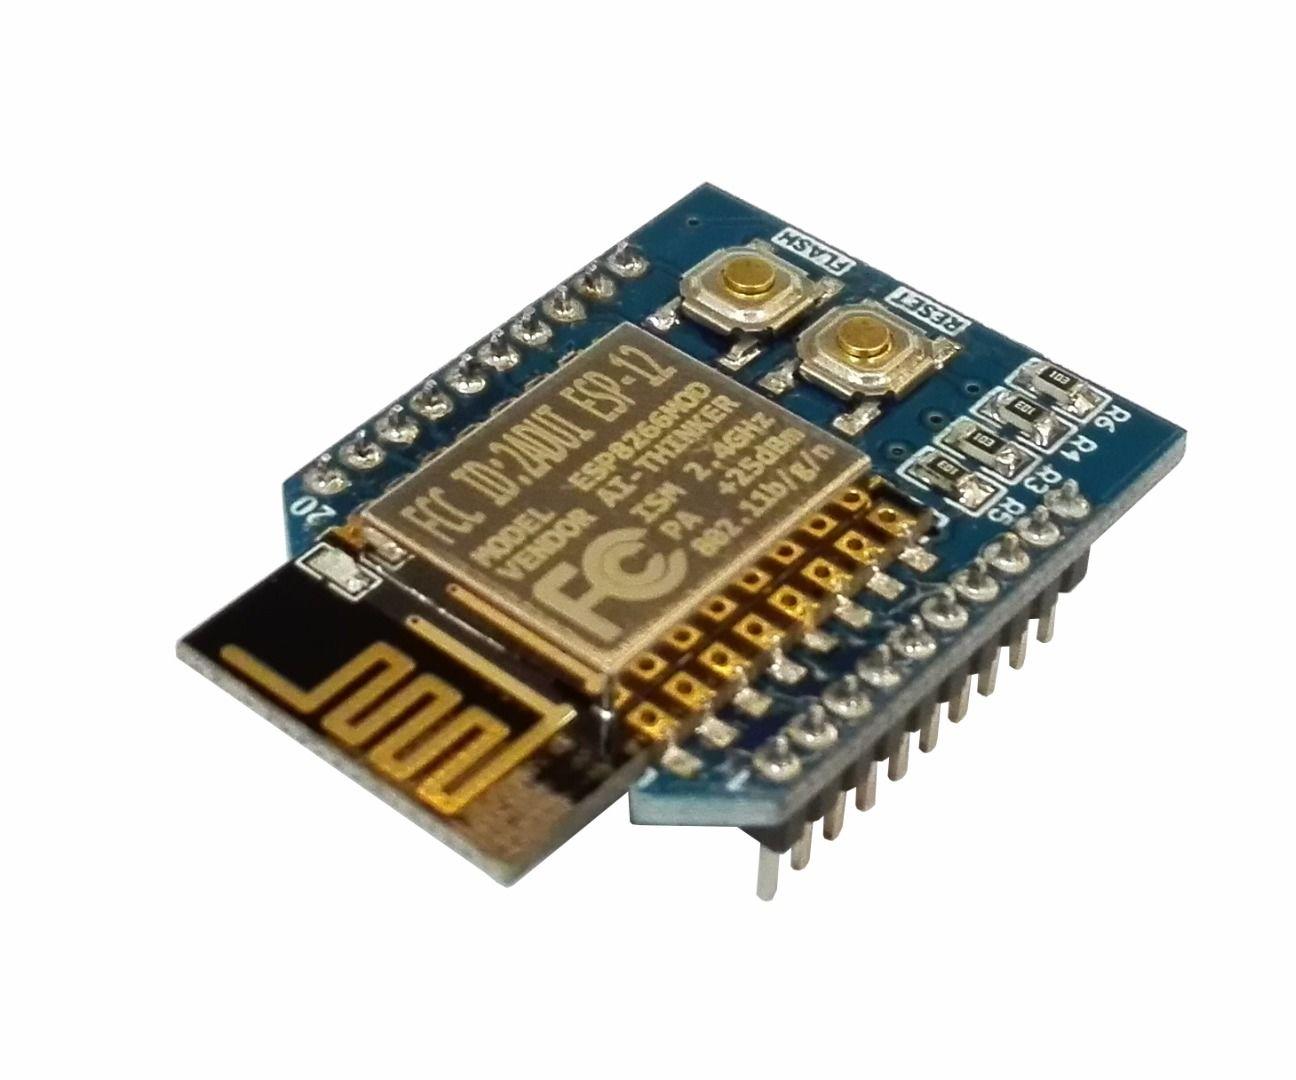 WiFiBee (ESP8266) LED blink LUA ESPlorer